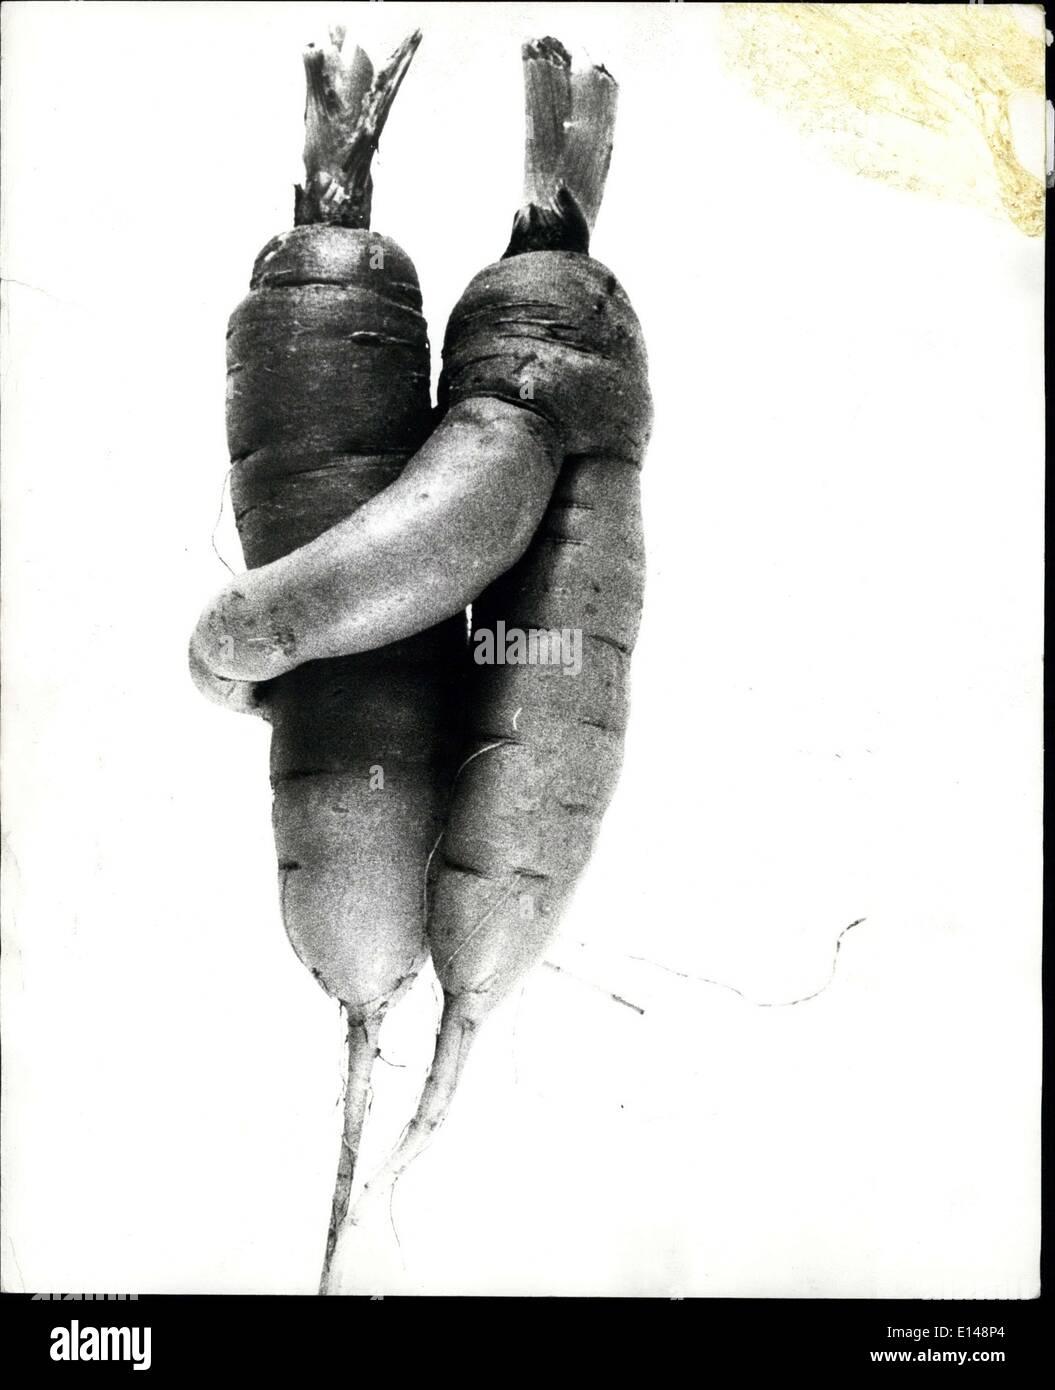 Apr. 17, 2012 - Carote nell'amore: Essa può essere solo la natura poco scherzo ma questi due carote scavato recentemente in Svizzera davvero sembrano caduti per ogni altro in un grande modo. Forse potranno essere bisogno di un 24-carota anello di nozze. Immagini Stock